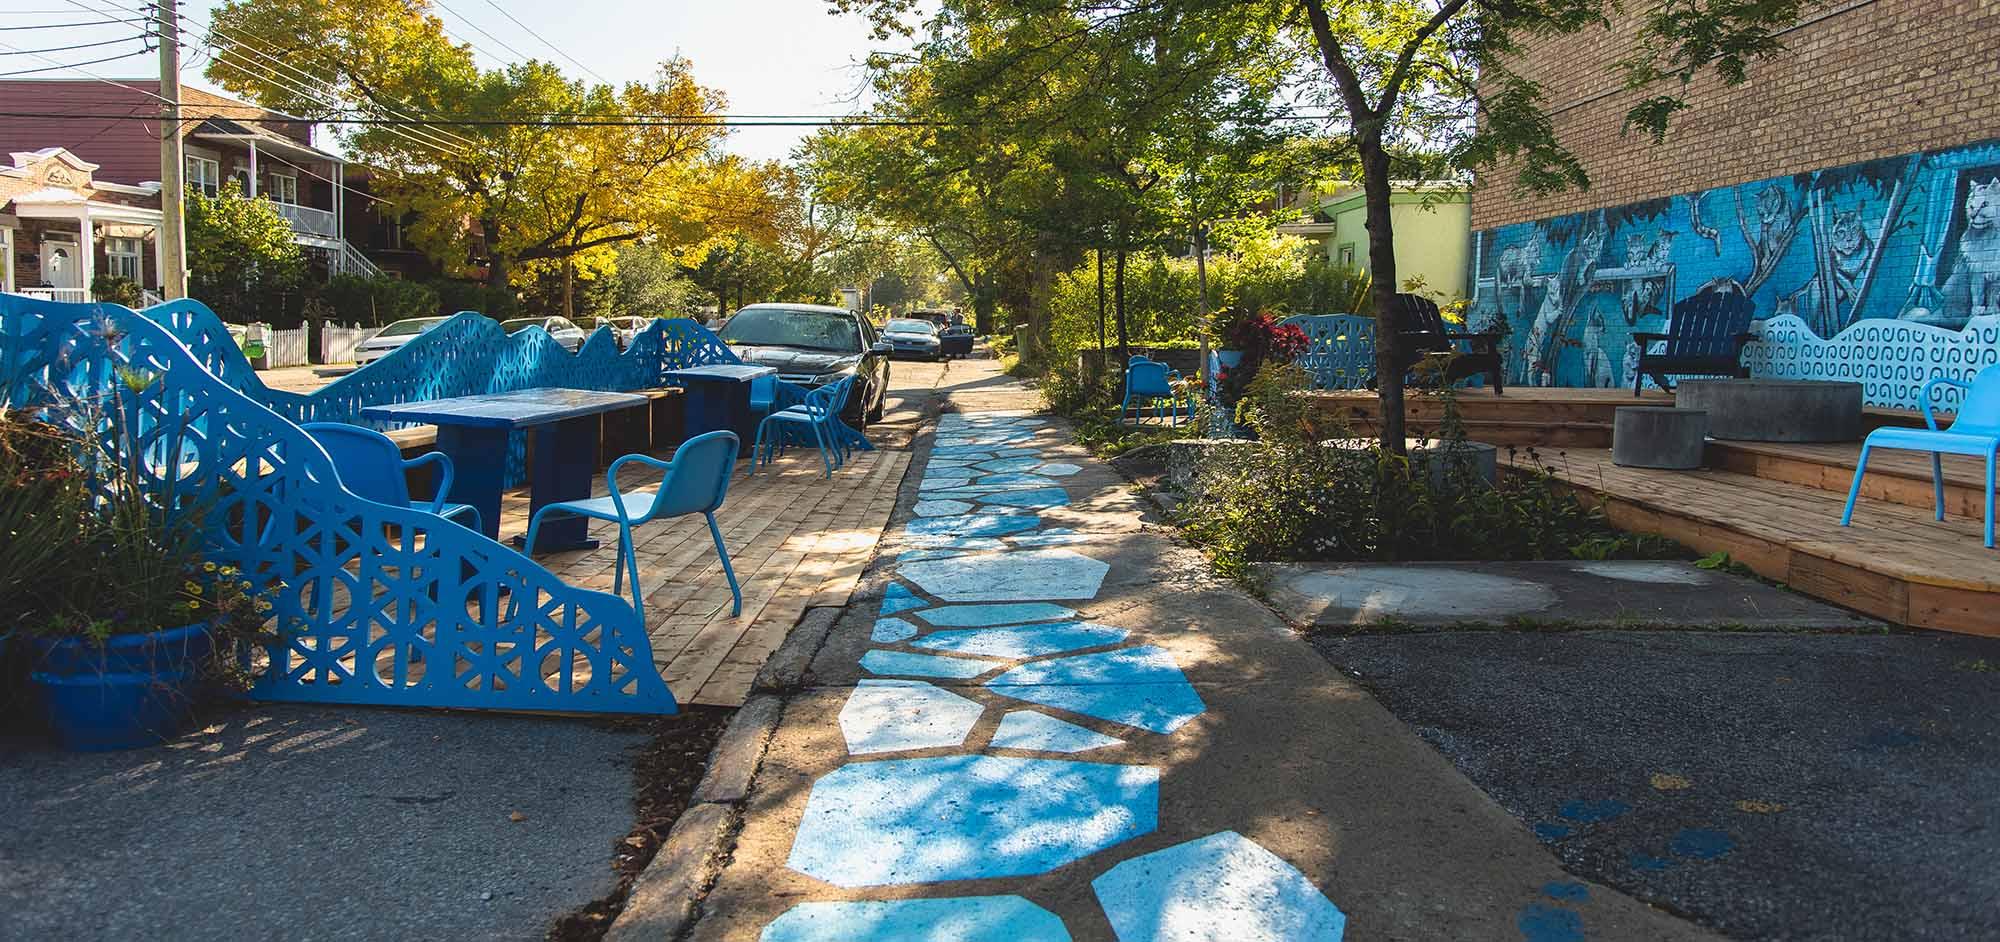 Les Balcons Bleus de Tétreaultville Automne 2021